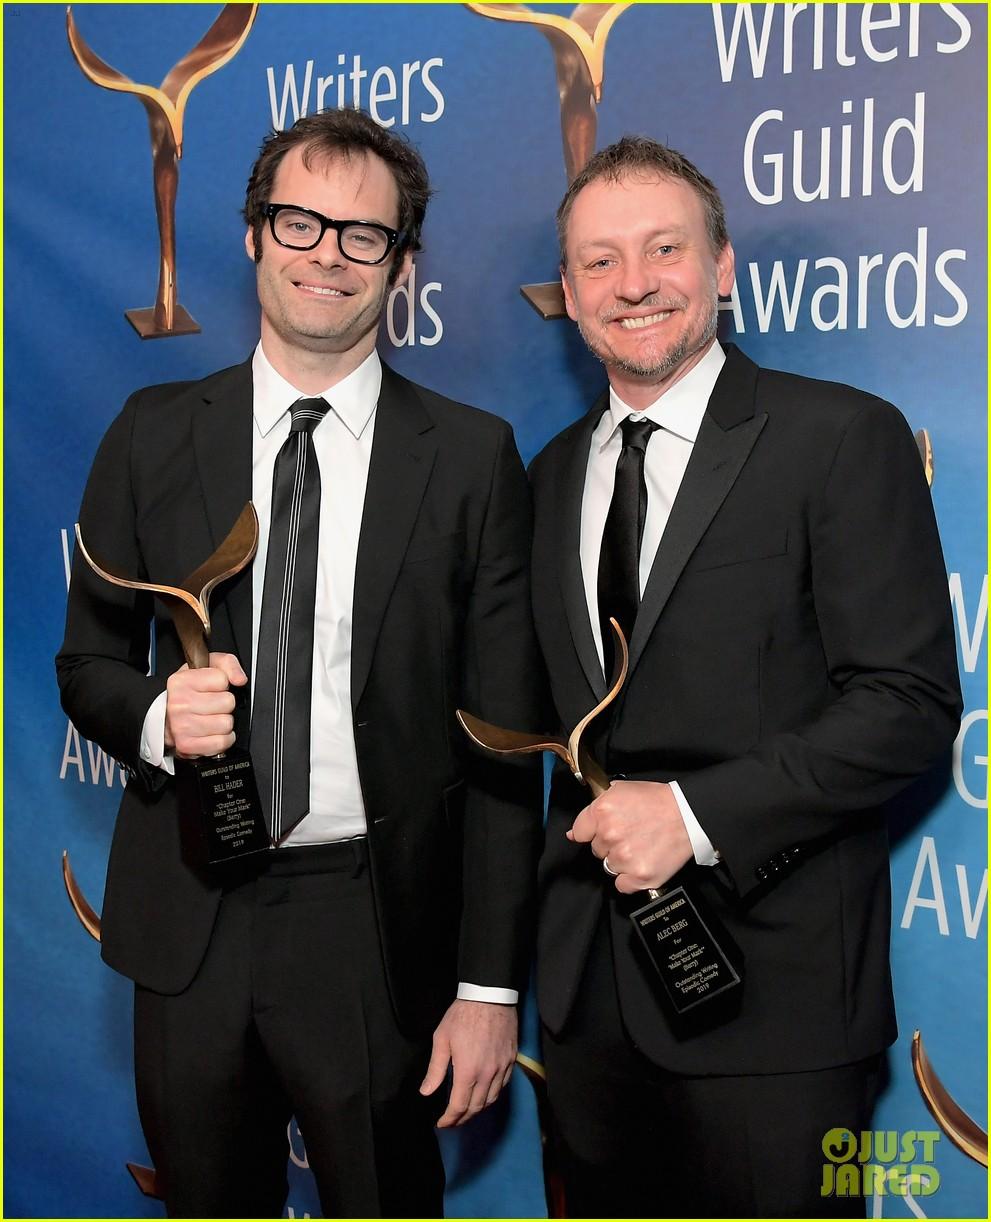 alison brie jamie lynn sigler jane lynch writers guild awards la 16